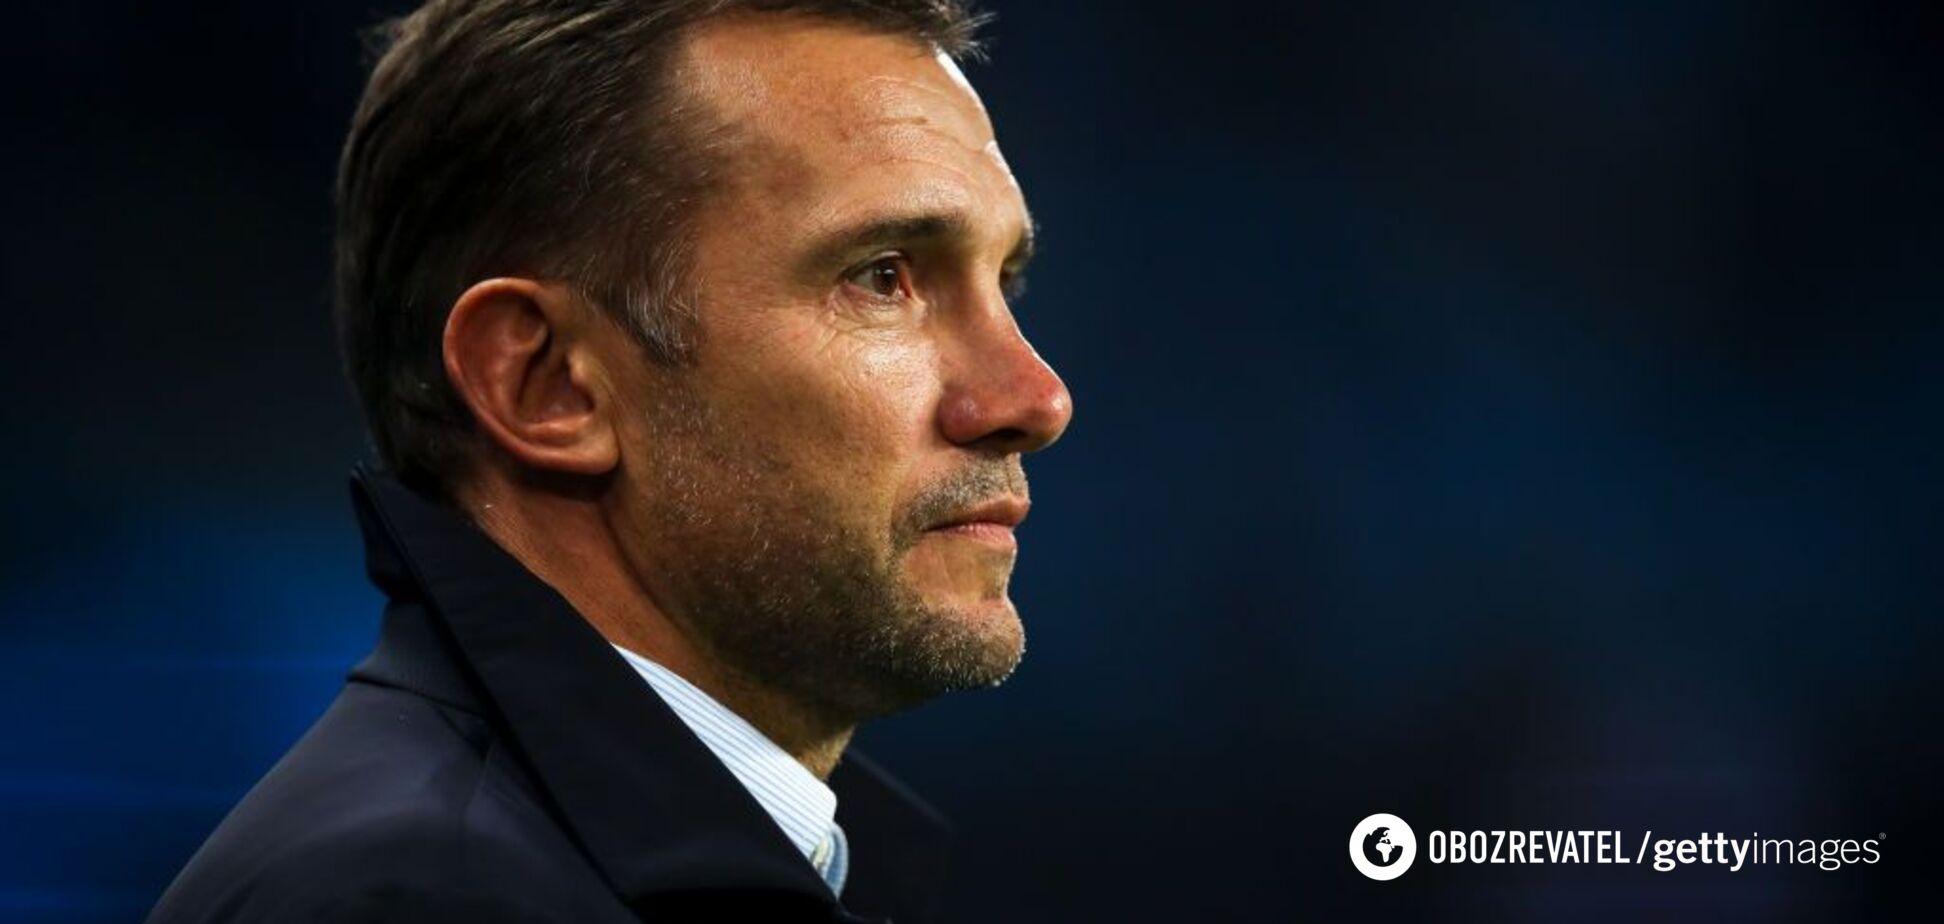 Шевченко прокомментировал жеребьевку Евро-2020 для сборной Украины